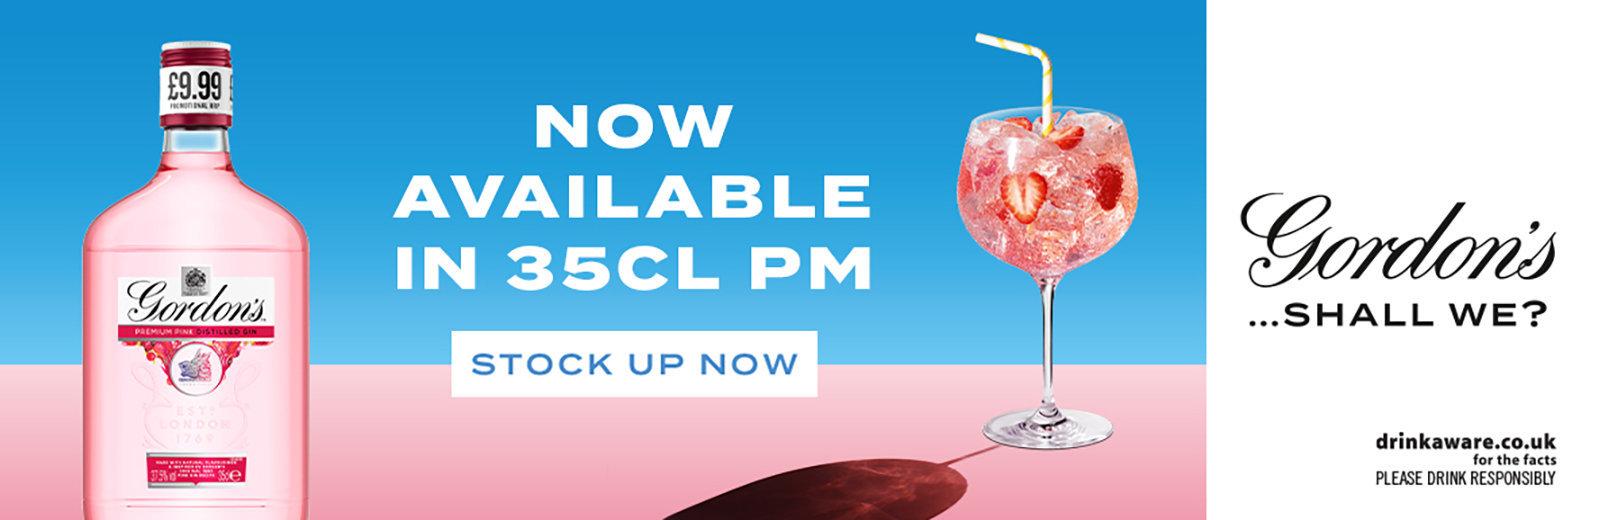 Gordons Pink Gin 35cl PMP 1600x520pixels